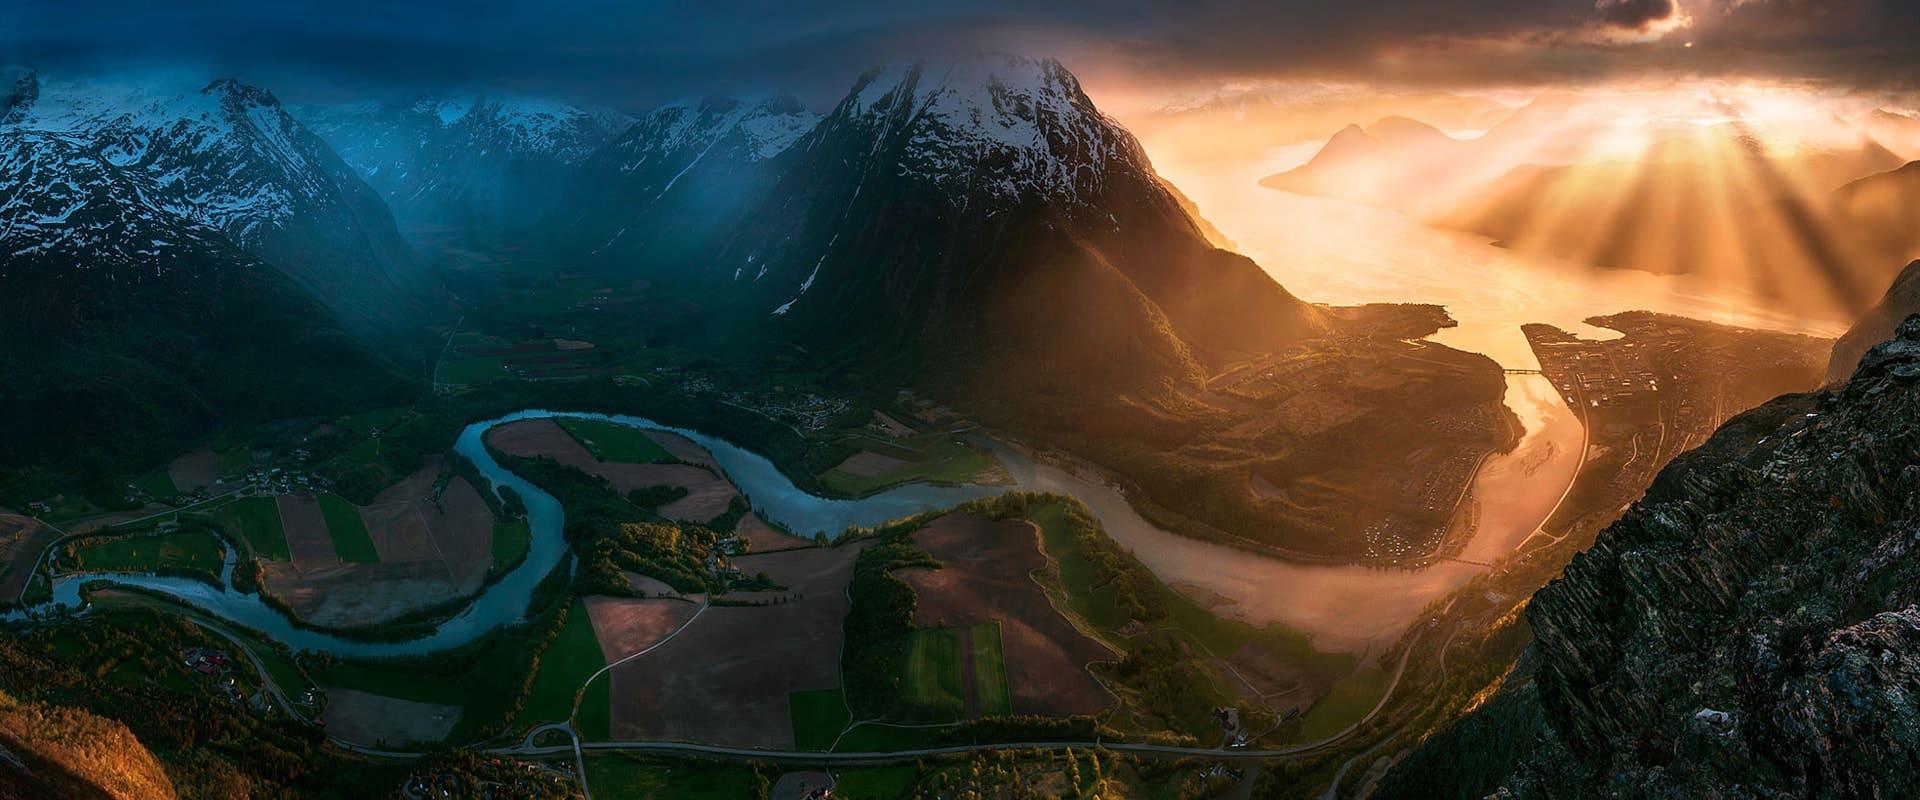 Активный тур по Северной Норвегии